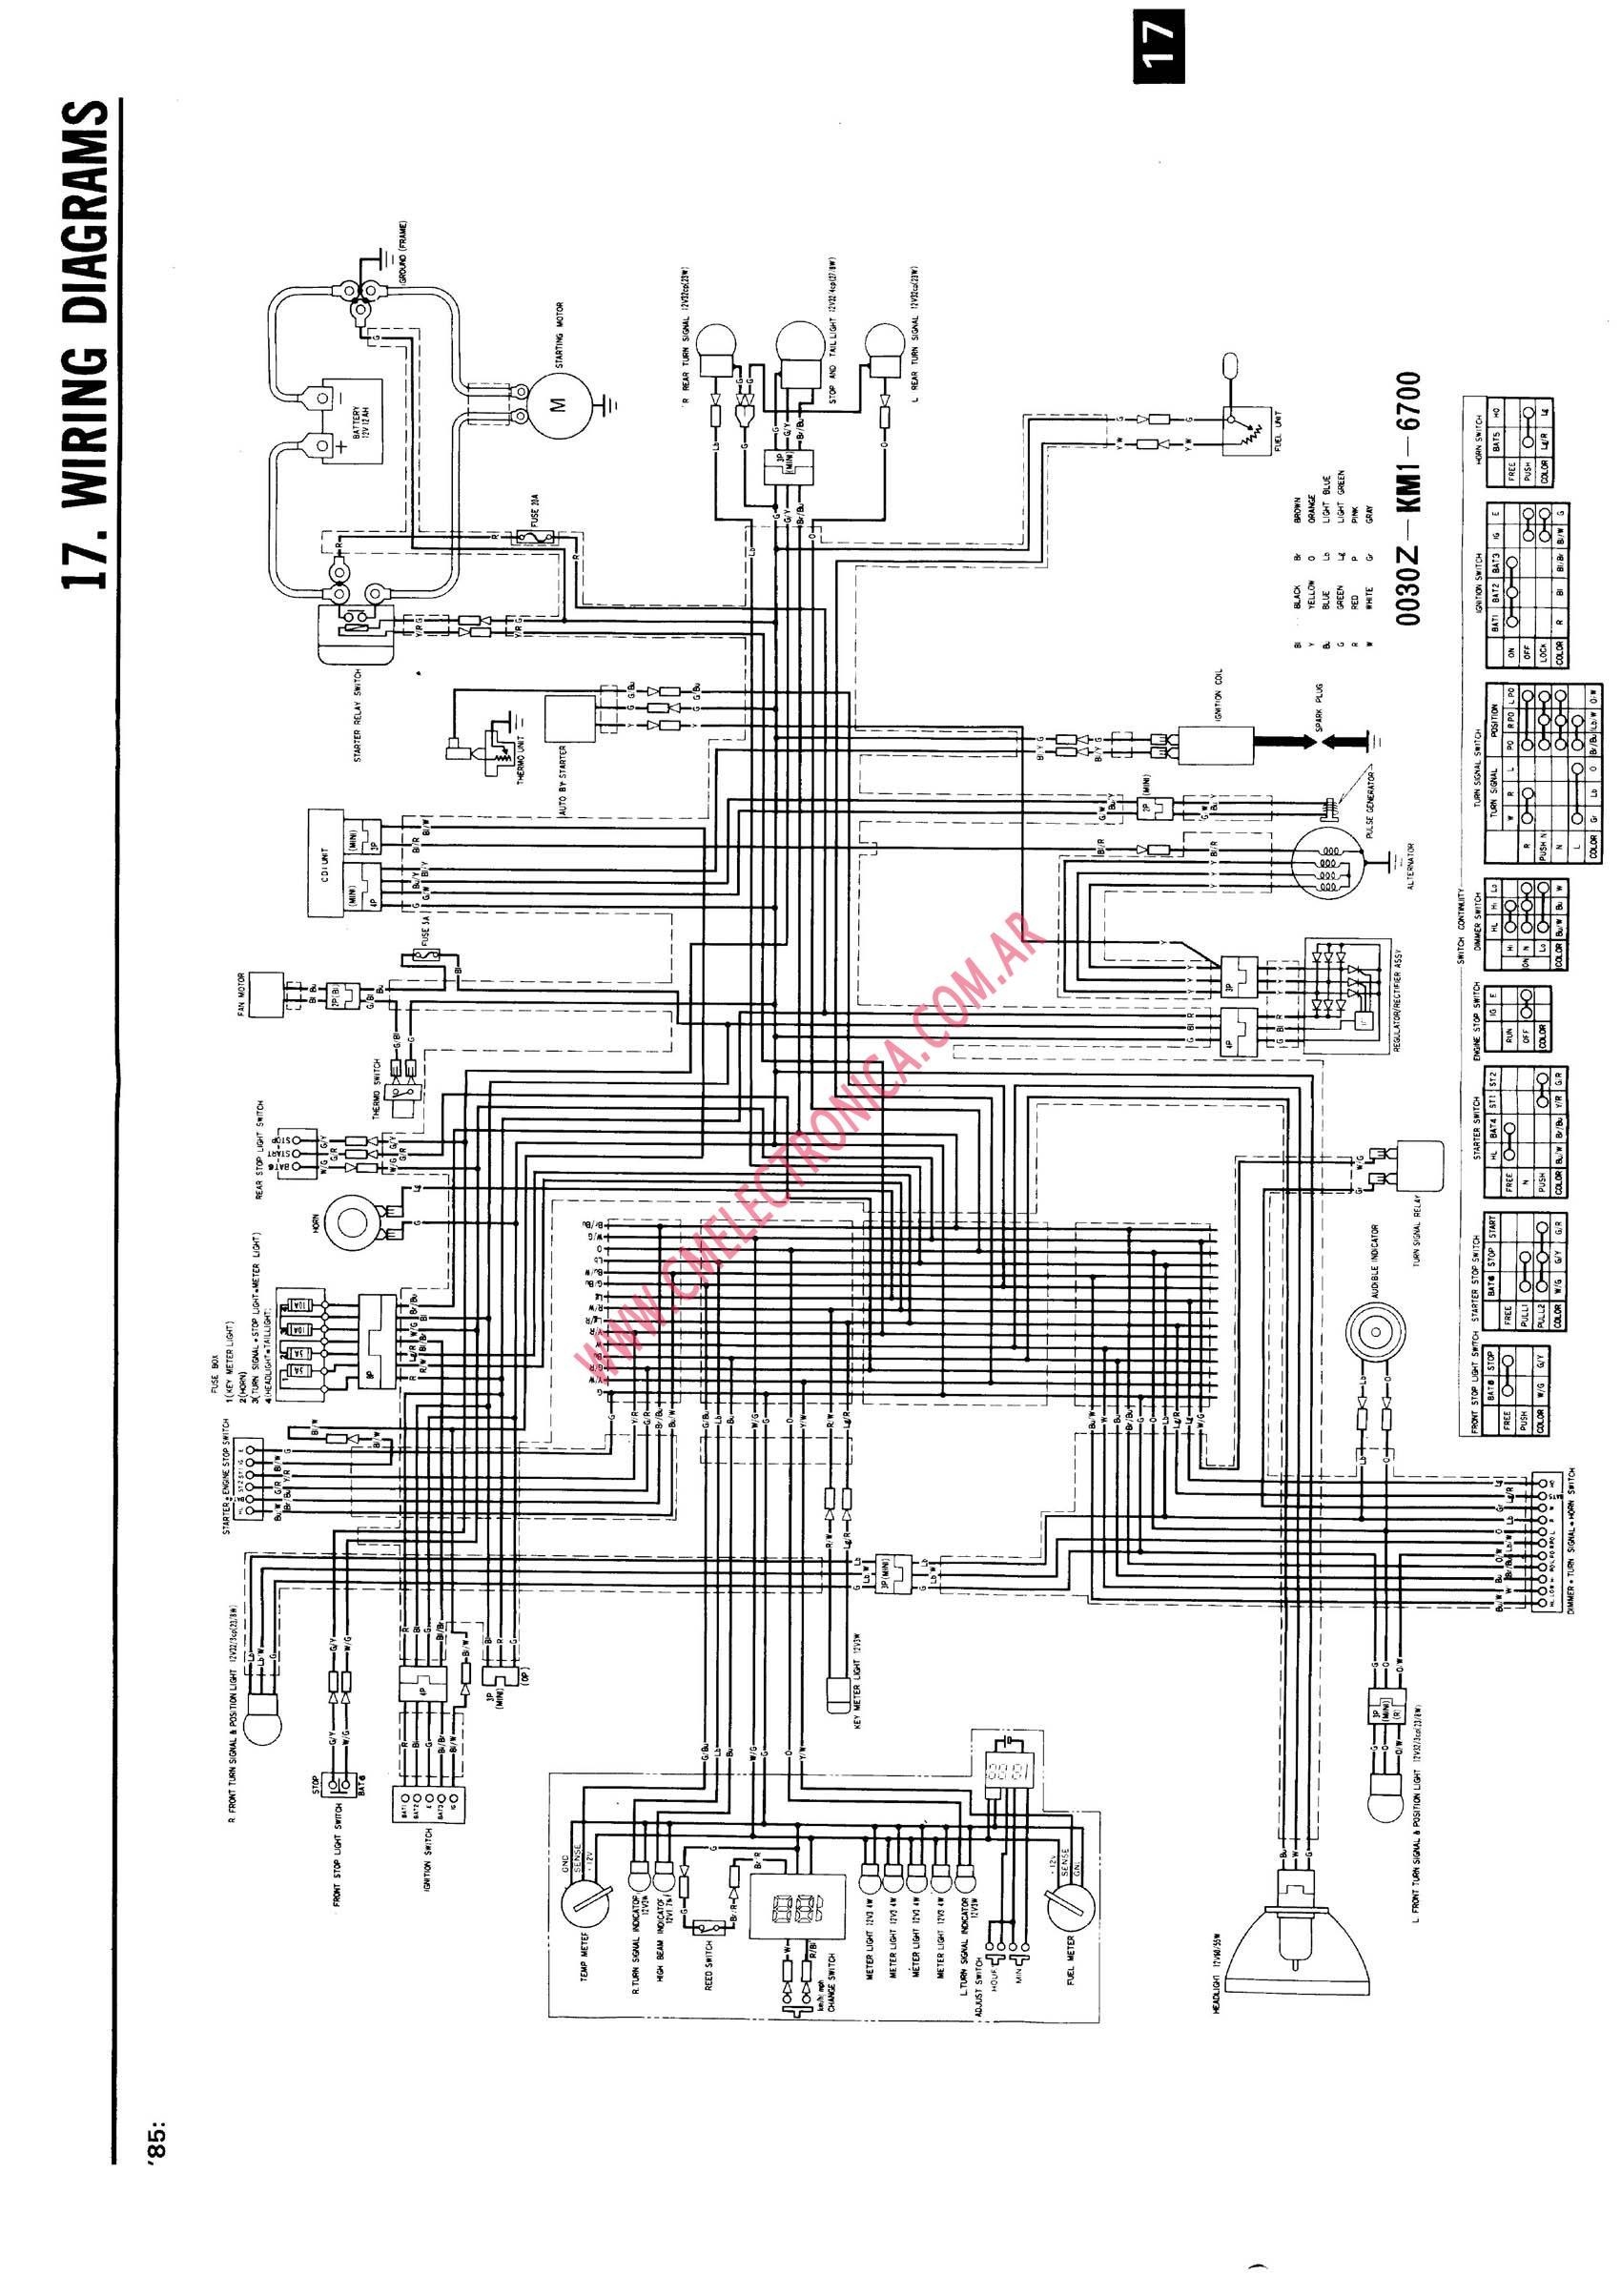 Aprilia Rx 50 Wiring